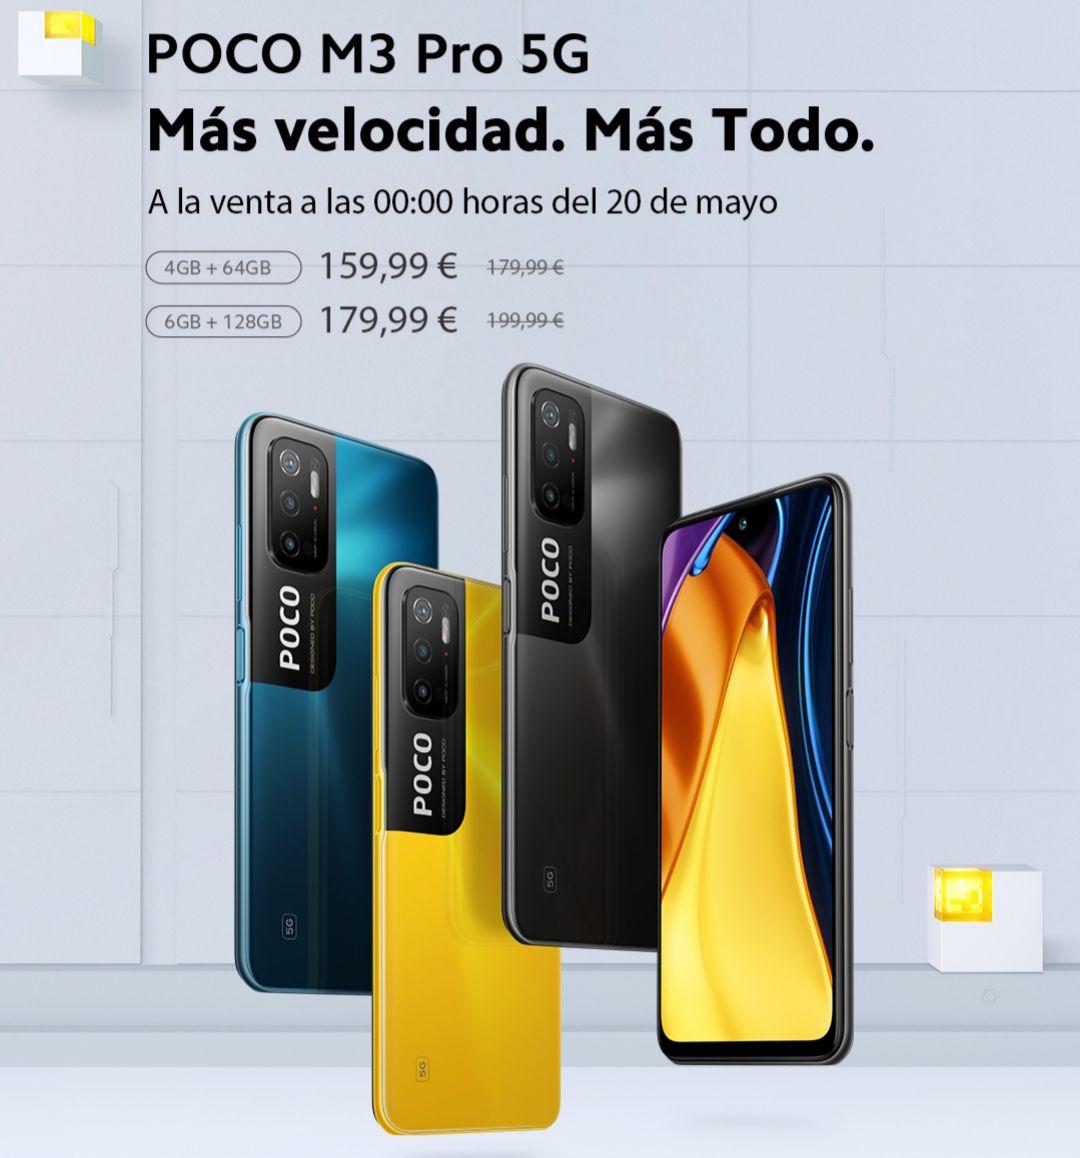 POCO M3 PRO 5G (oferta de lanzamiento)